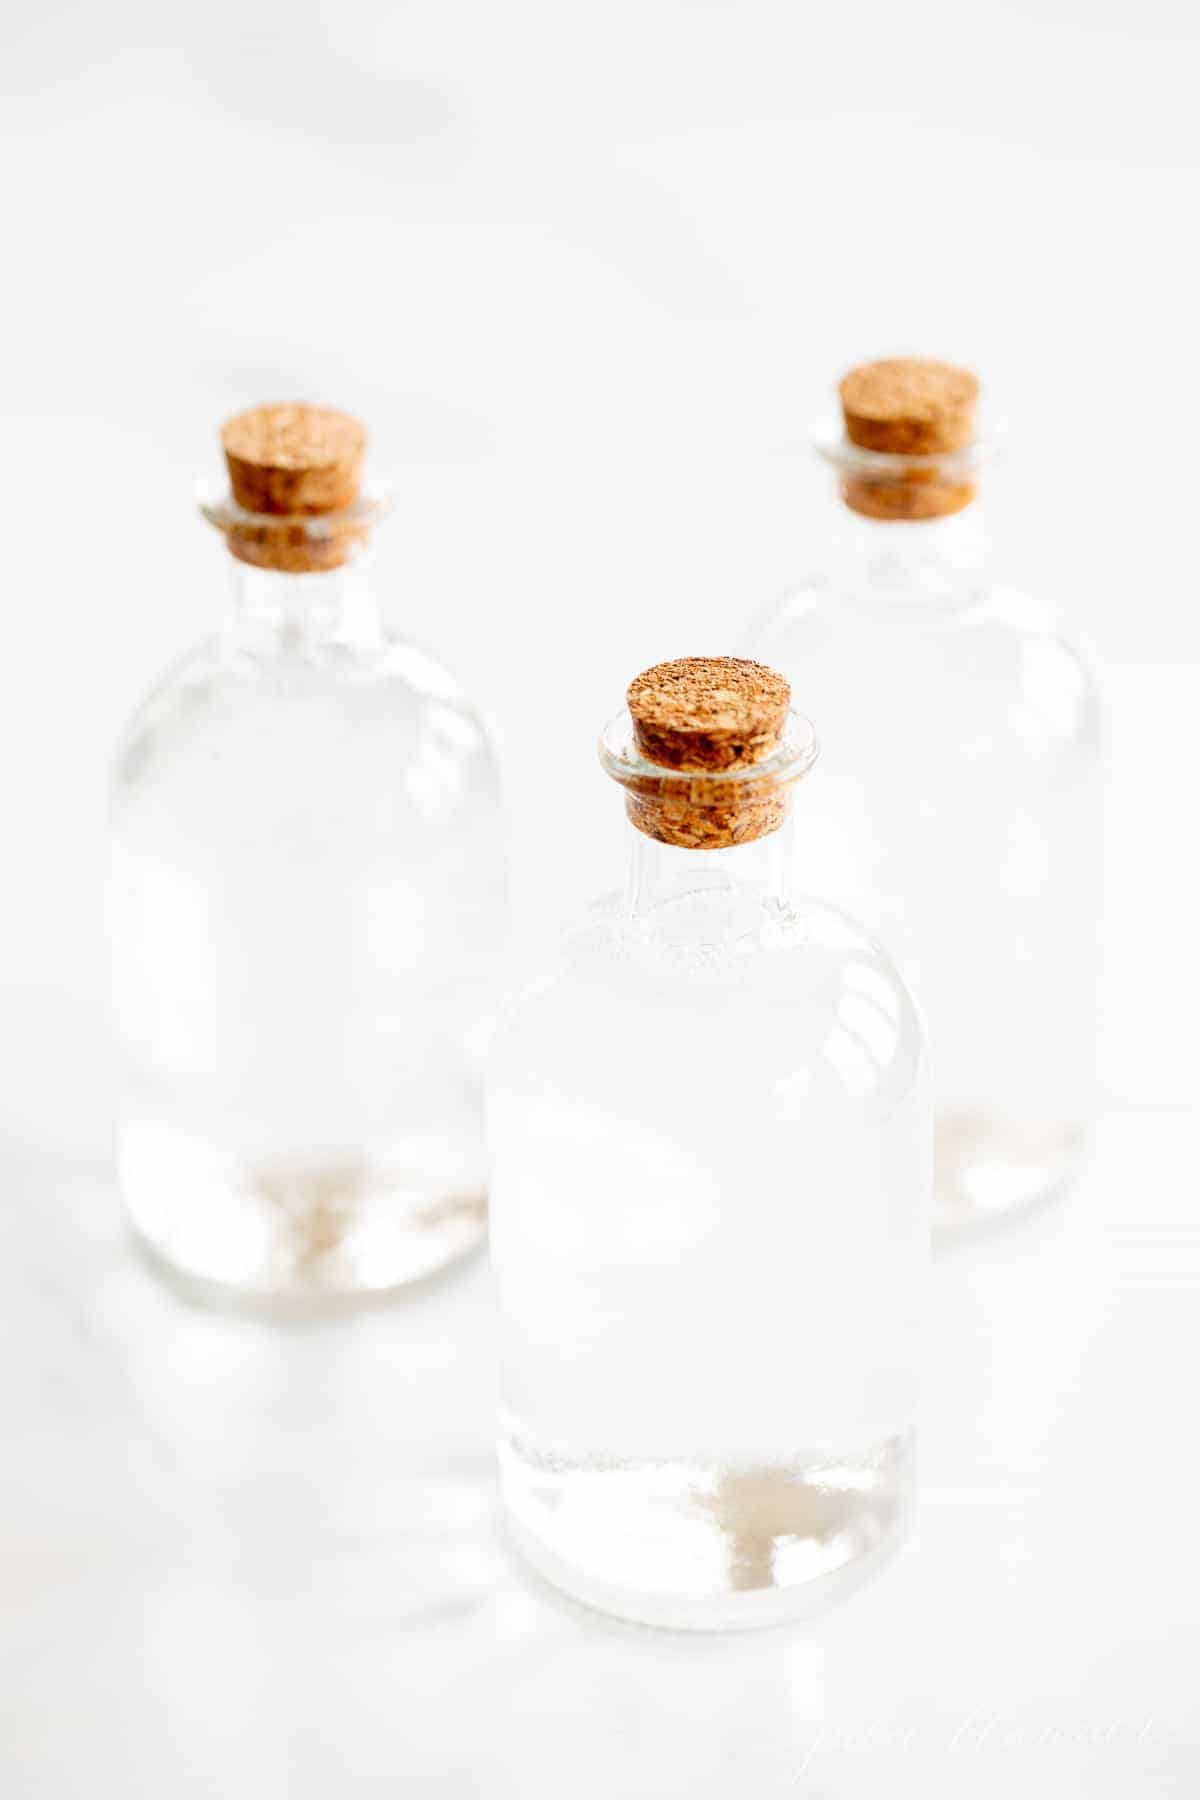 bubble bath in bottles